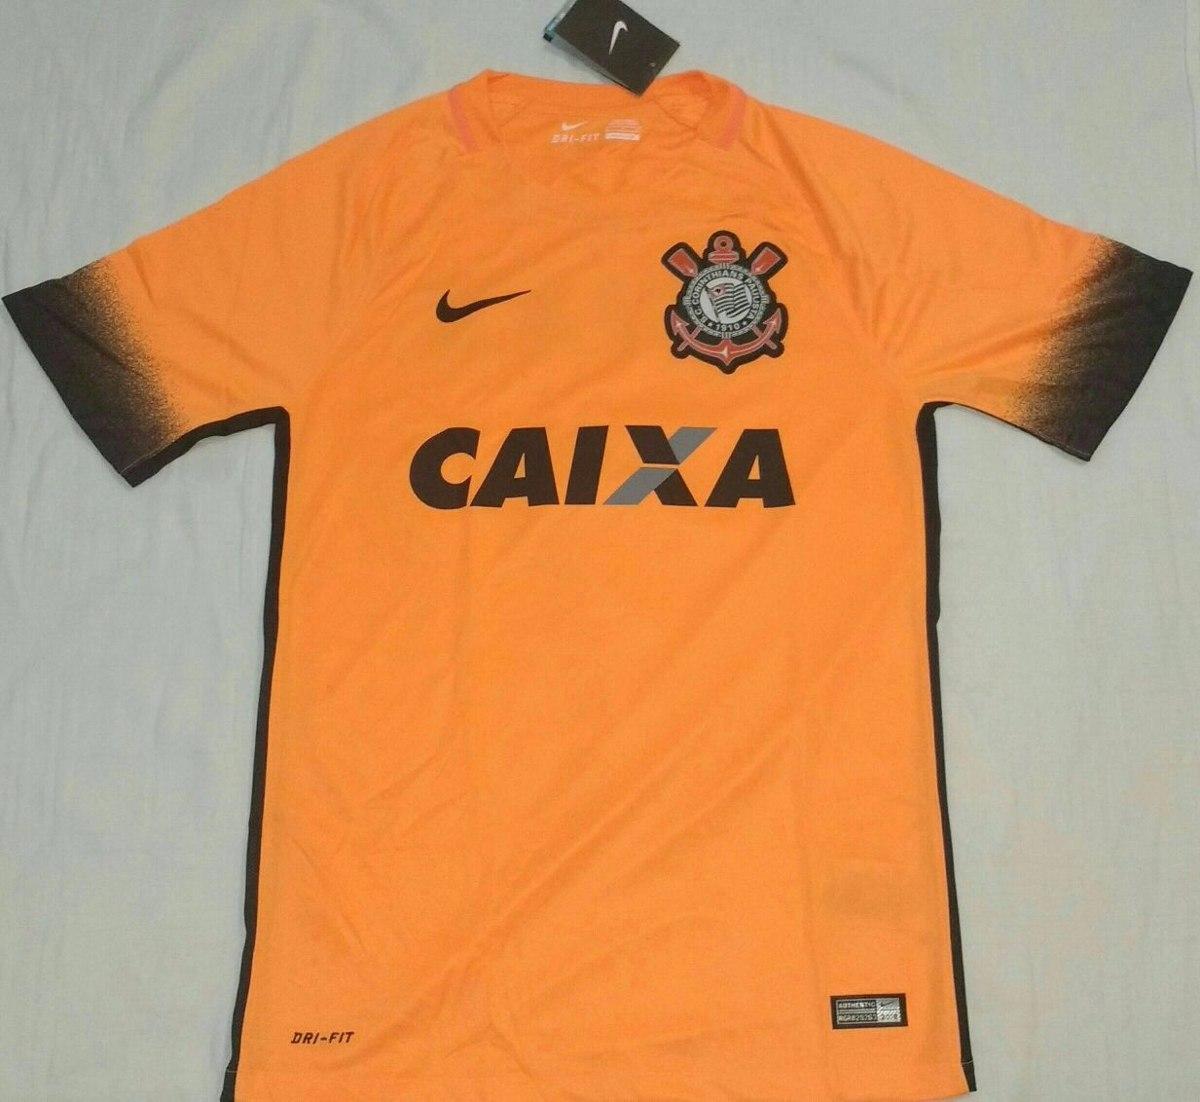 camisa corinthians laranja de 2015 terrão 100% original nike. Carregando  zoom. f007469fe5d87